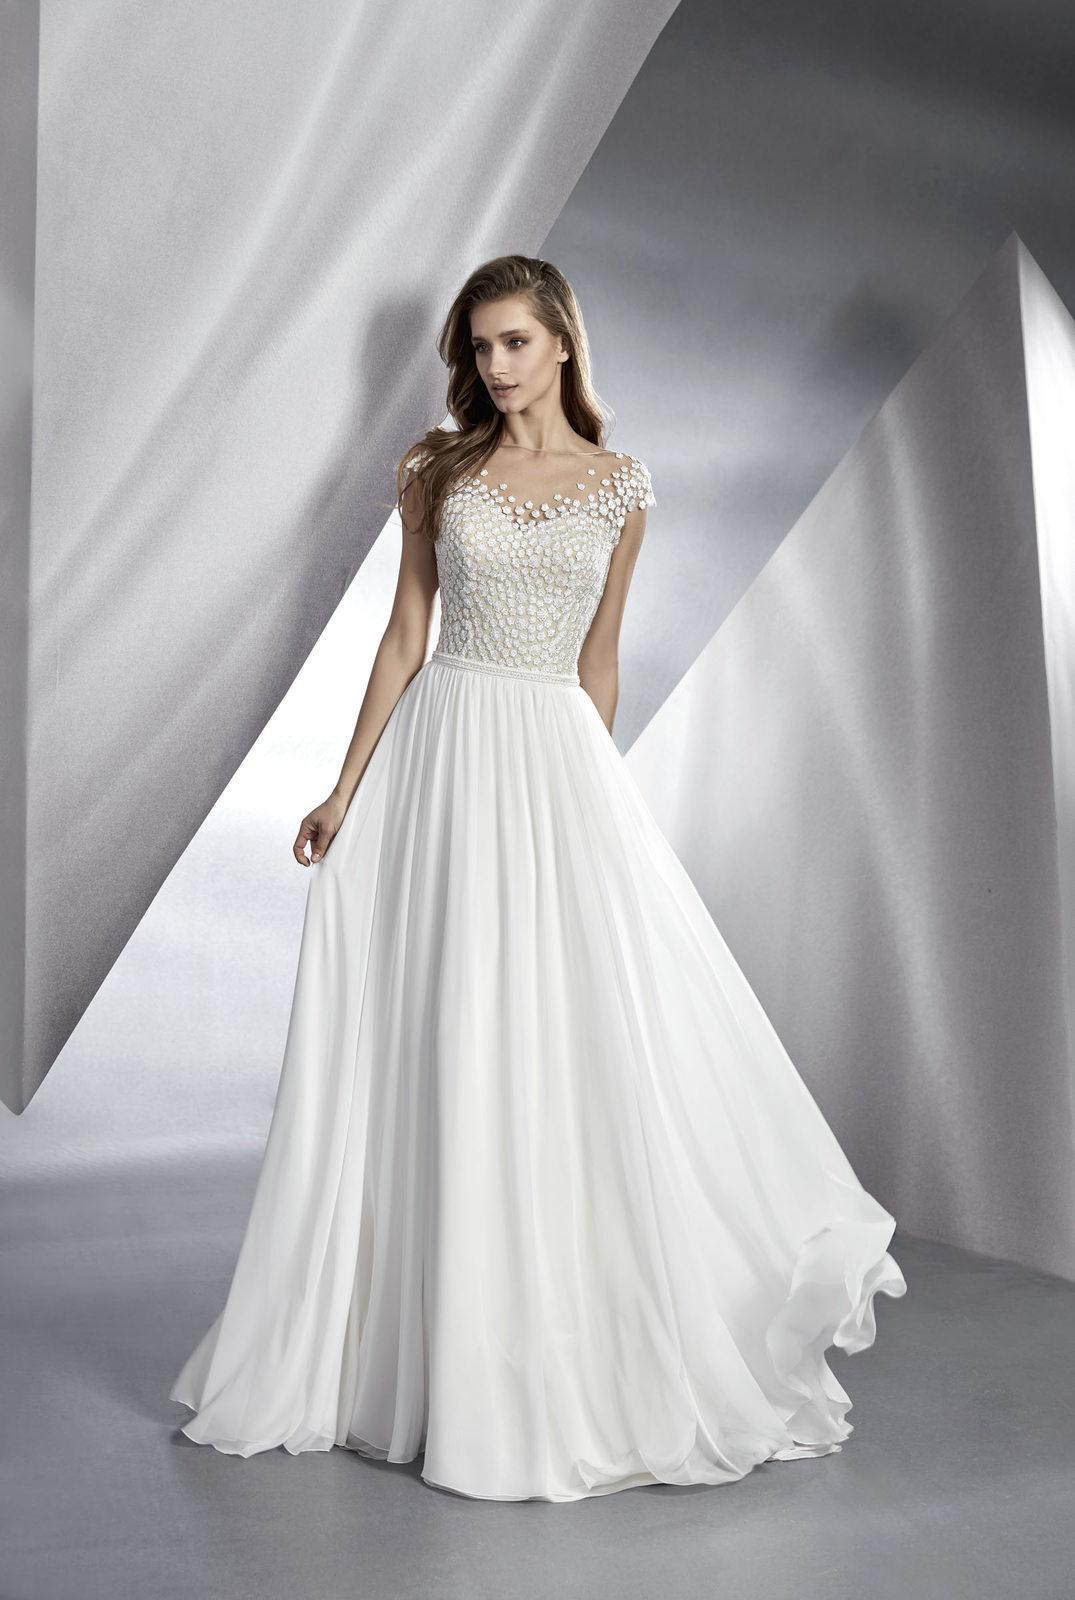 Brautkleid Bloom von Modeca auf Ja.de